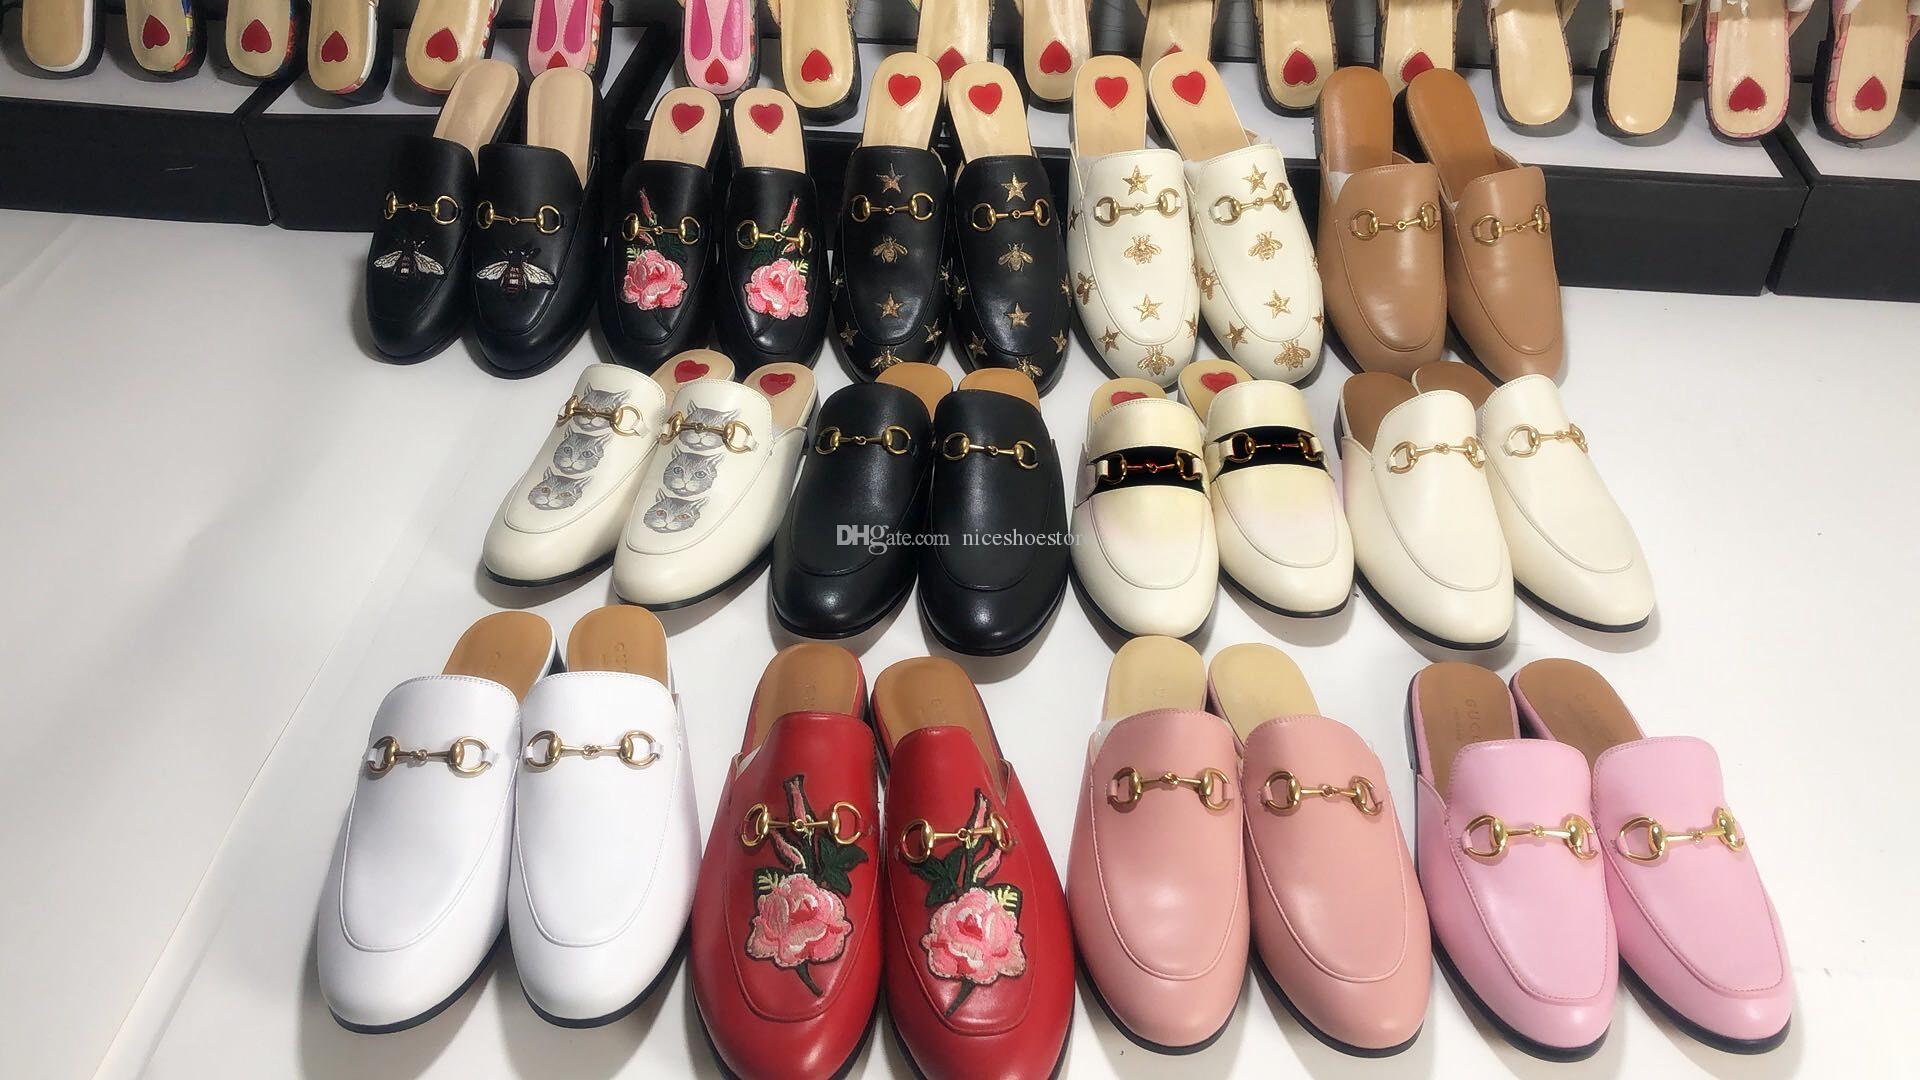 Marka Yeni Varış Sıcak Tasarımcı Haki Kahverengi Deri Katır Pricetown Loafer'lar Erkekler Kadınlar Boyutu Iyi Geribildirim Promosyon Terlik Ayakkabı EUR34-46